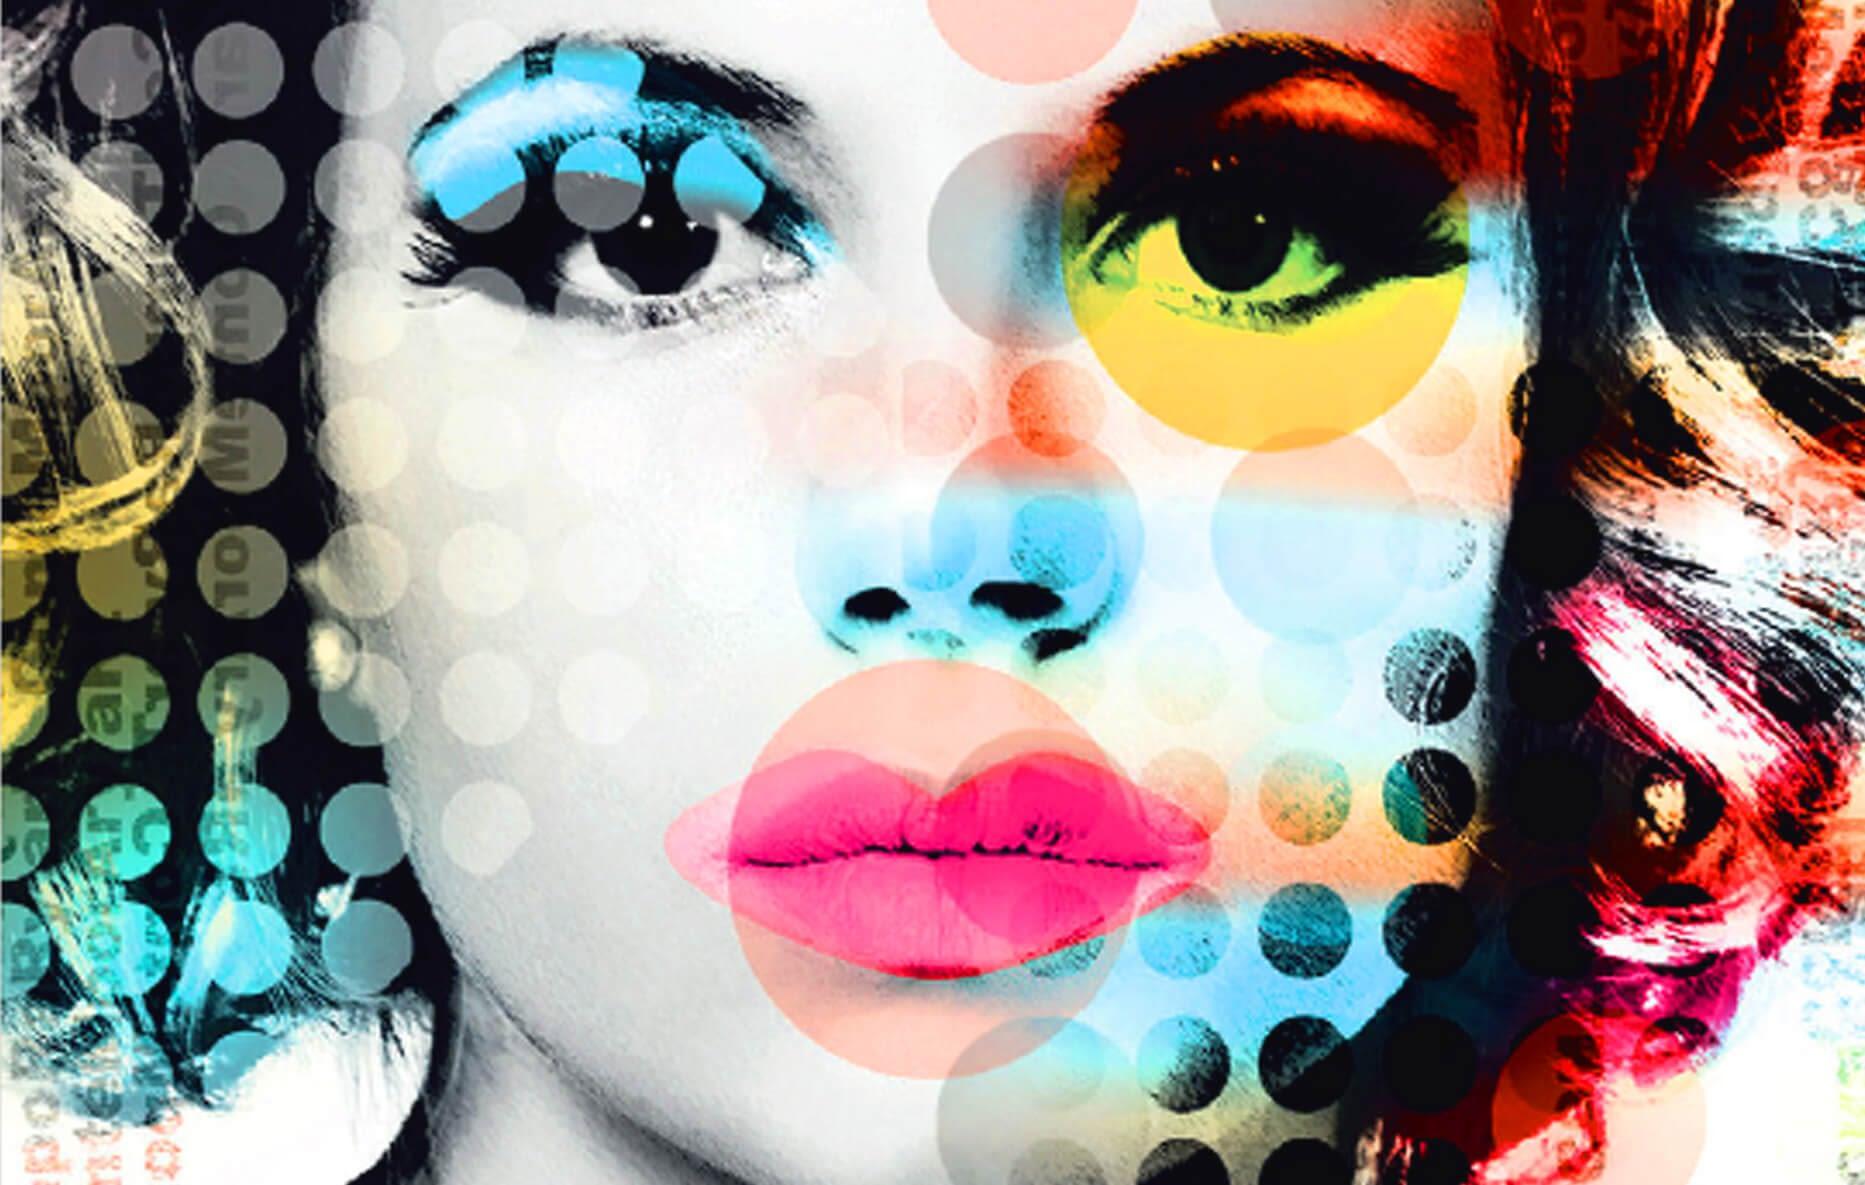 Visage de femme trame pop art